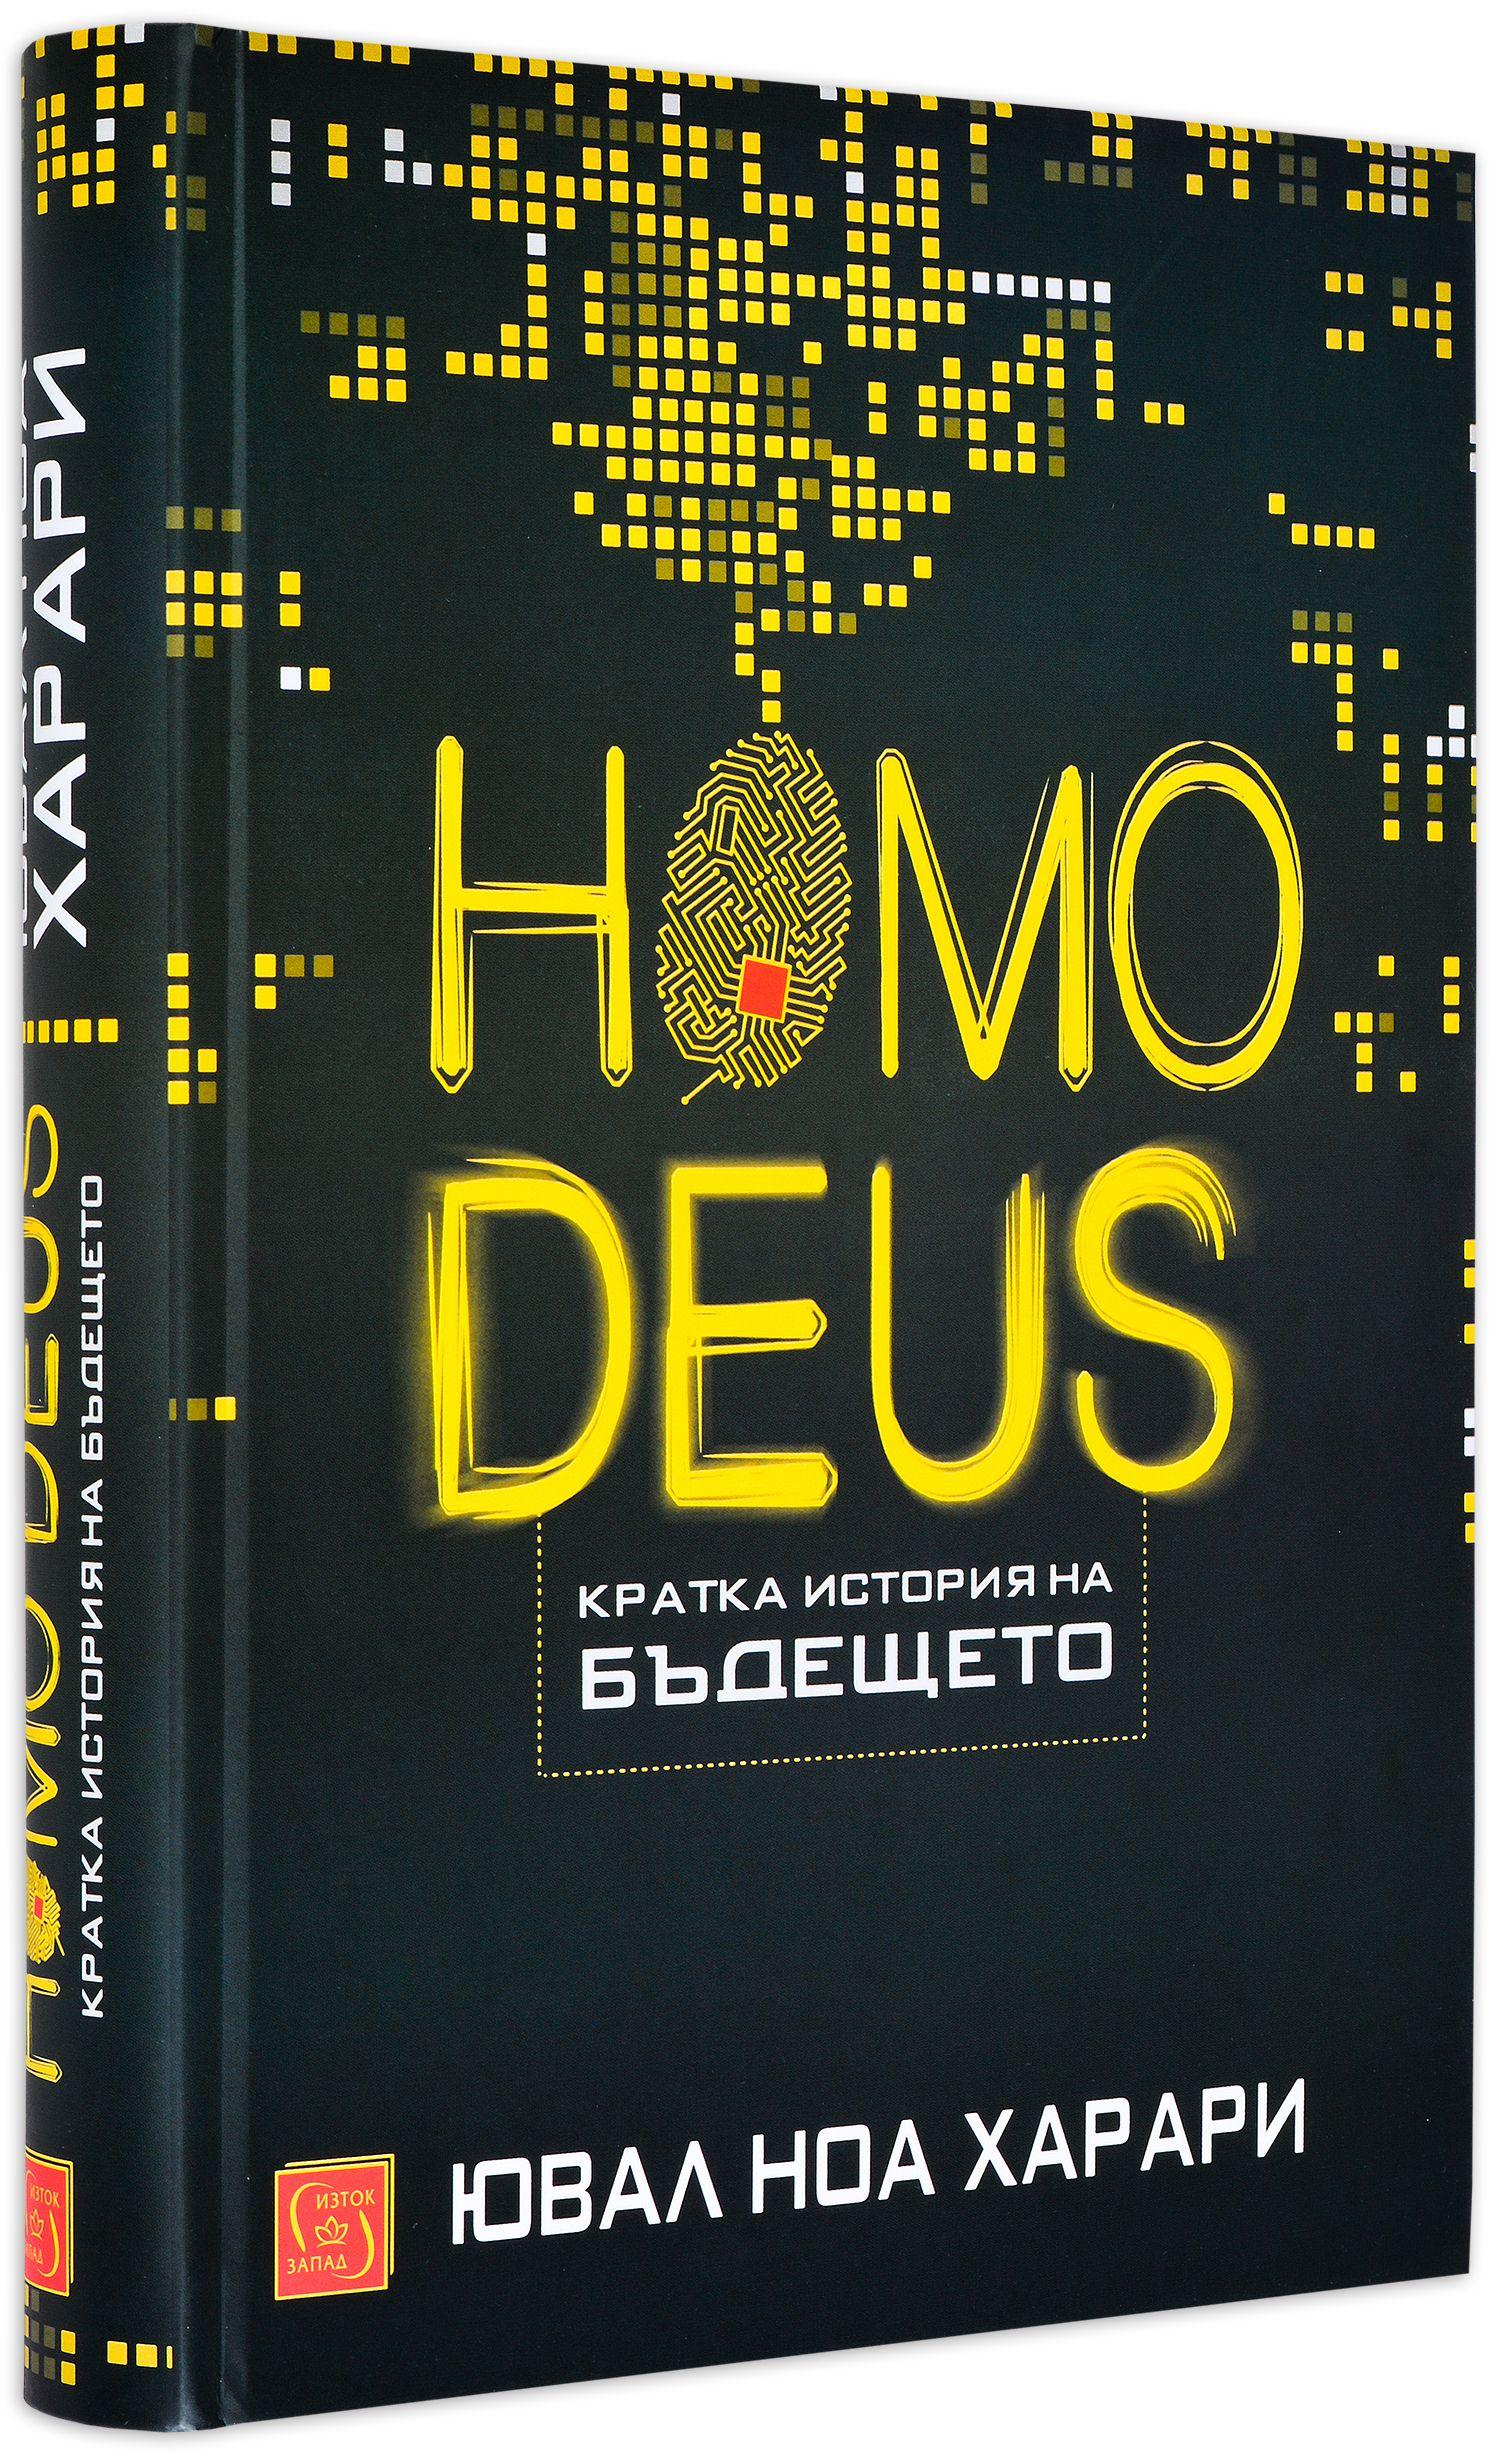 Homo deus. Кратка история на бъдещето (твърди корици) - 1